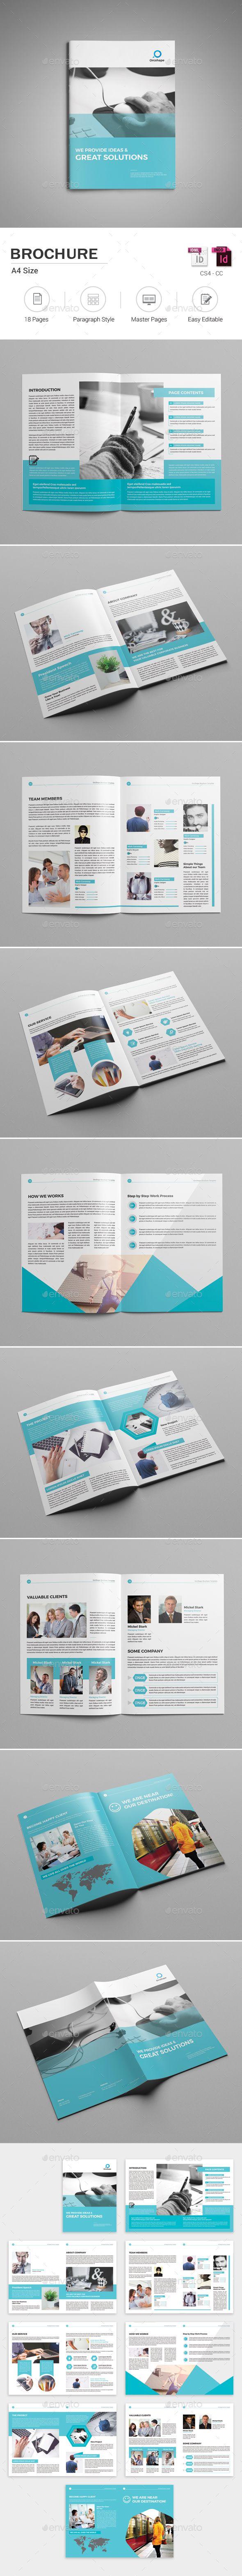 Brochure | Diseño editorial, Editorial y Revistas